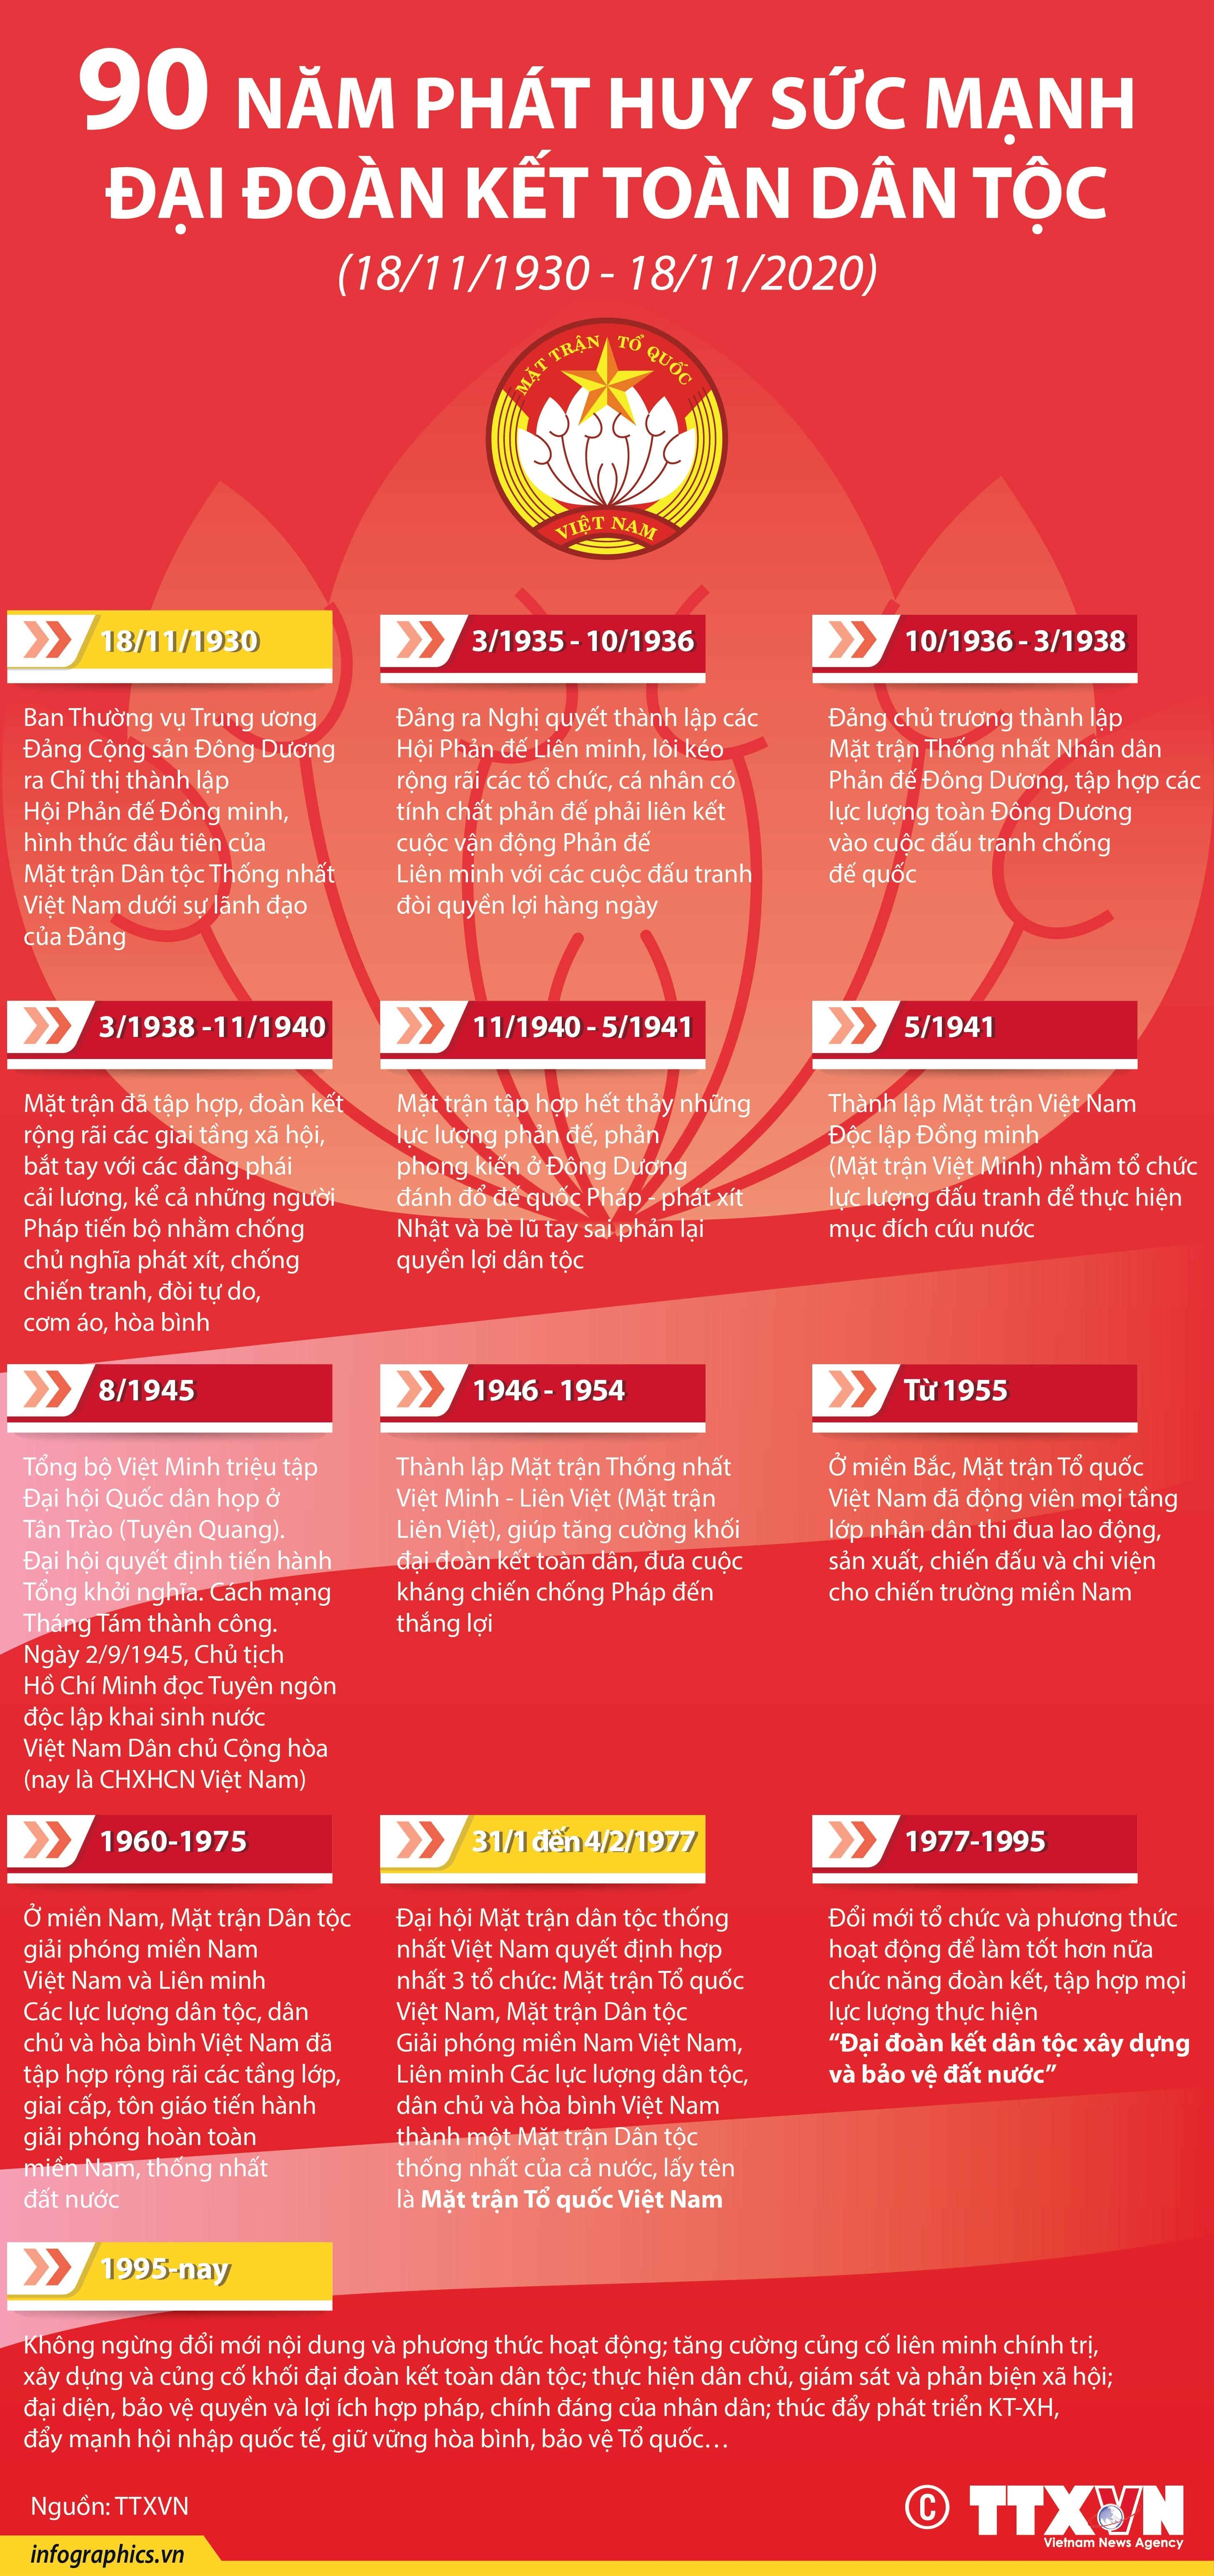 Mặt trận Tổ quốc Việt Nam: 90 năm phát huy sức mạnh đại đoàn kết toàn dân tộc (18/11/1930 - 18/11/2020) - Ảnh 1